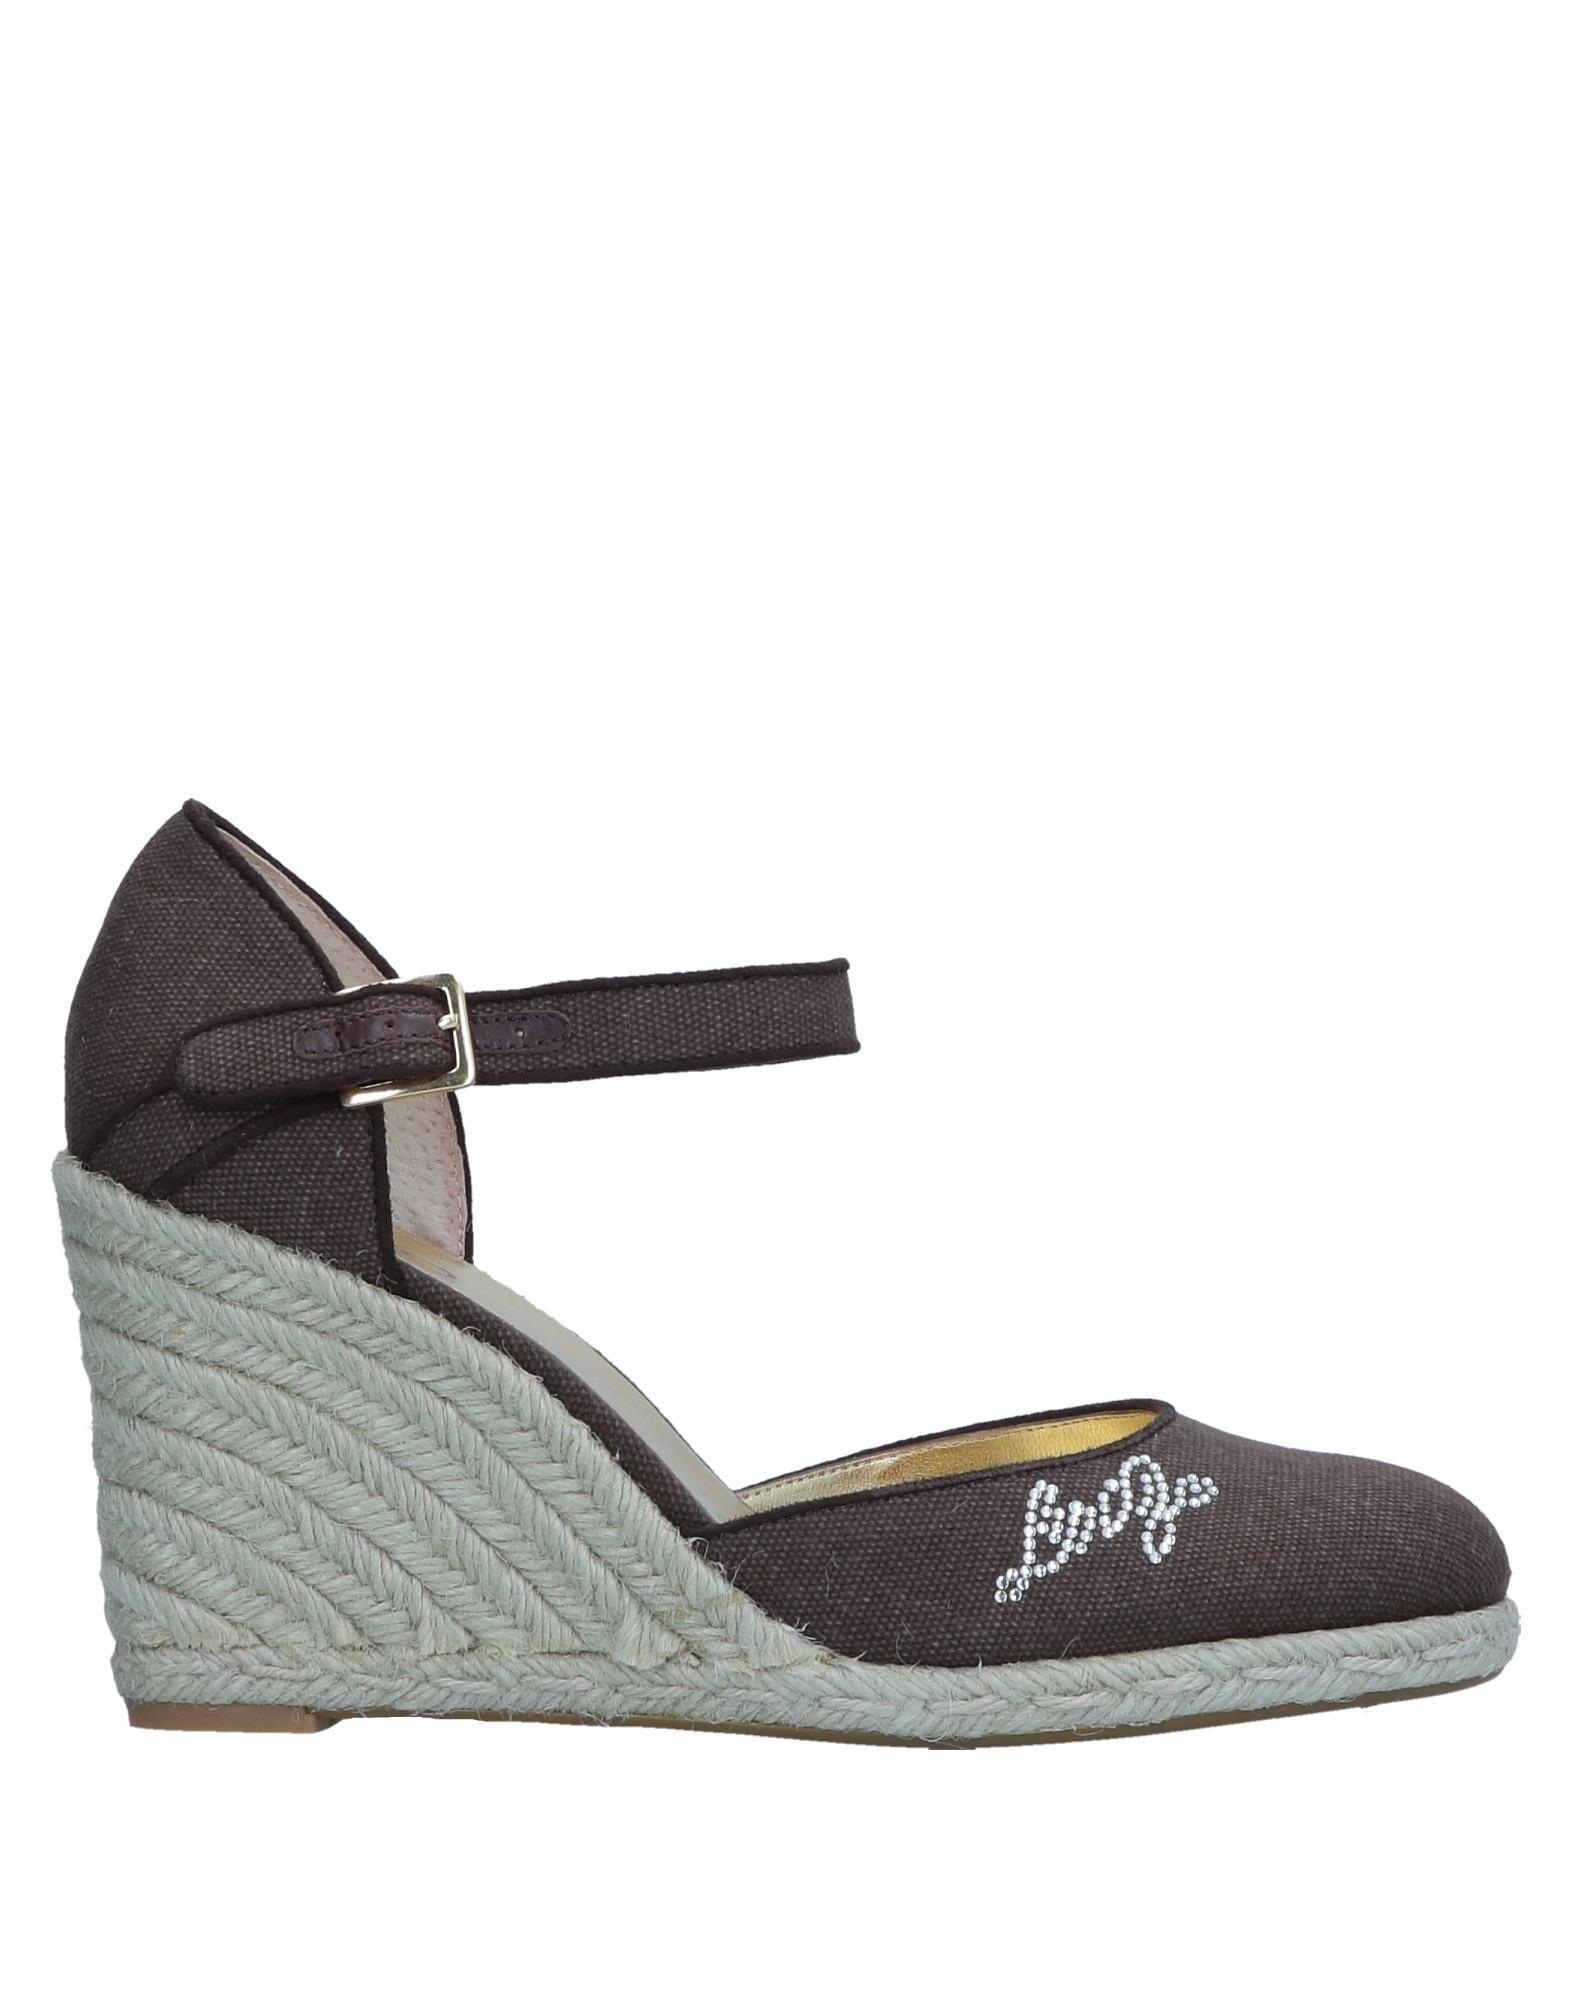 Liu  •Jo Shoes Espadrilles Damen  Liu 11548719TJ Gute Qualität beliebte Schuhe 446fba